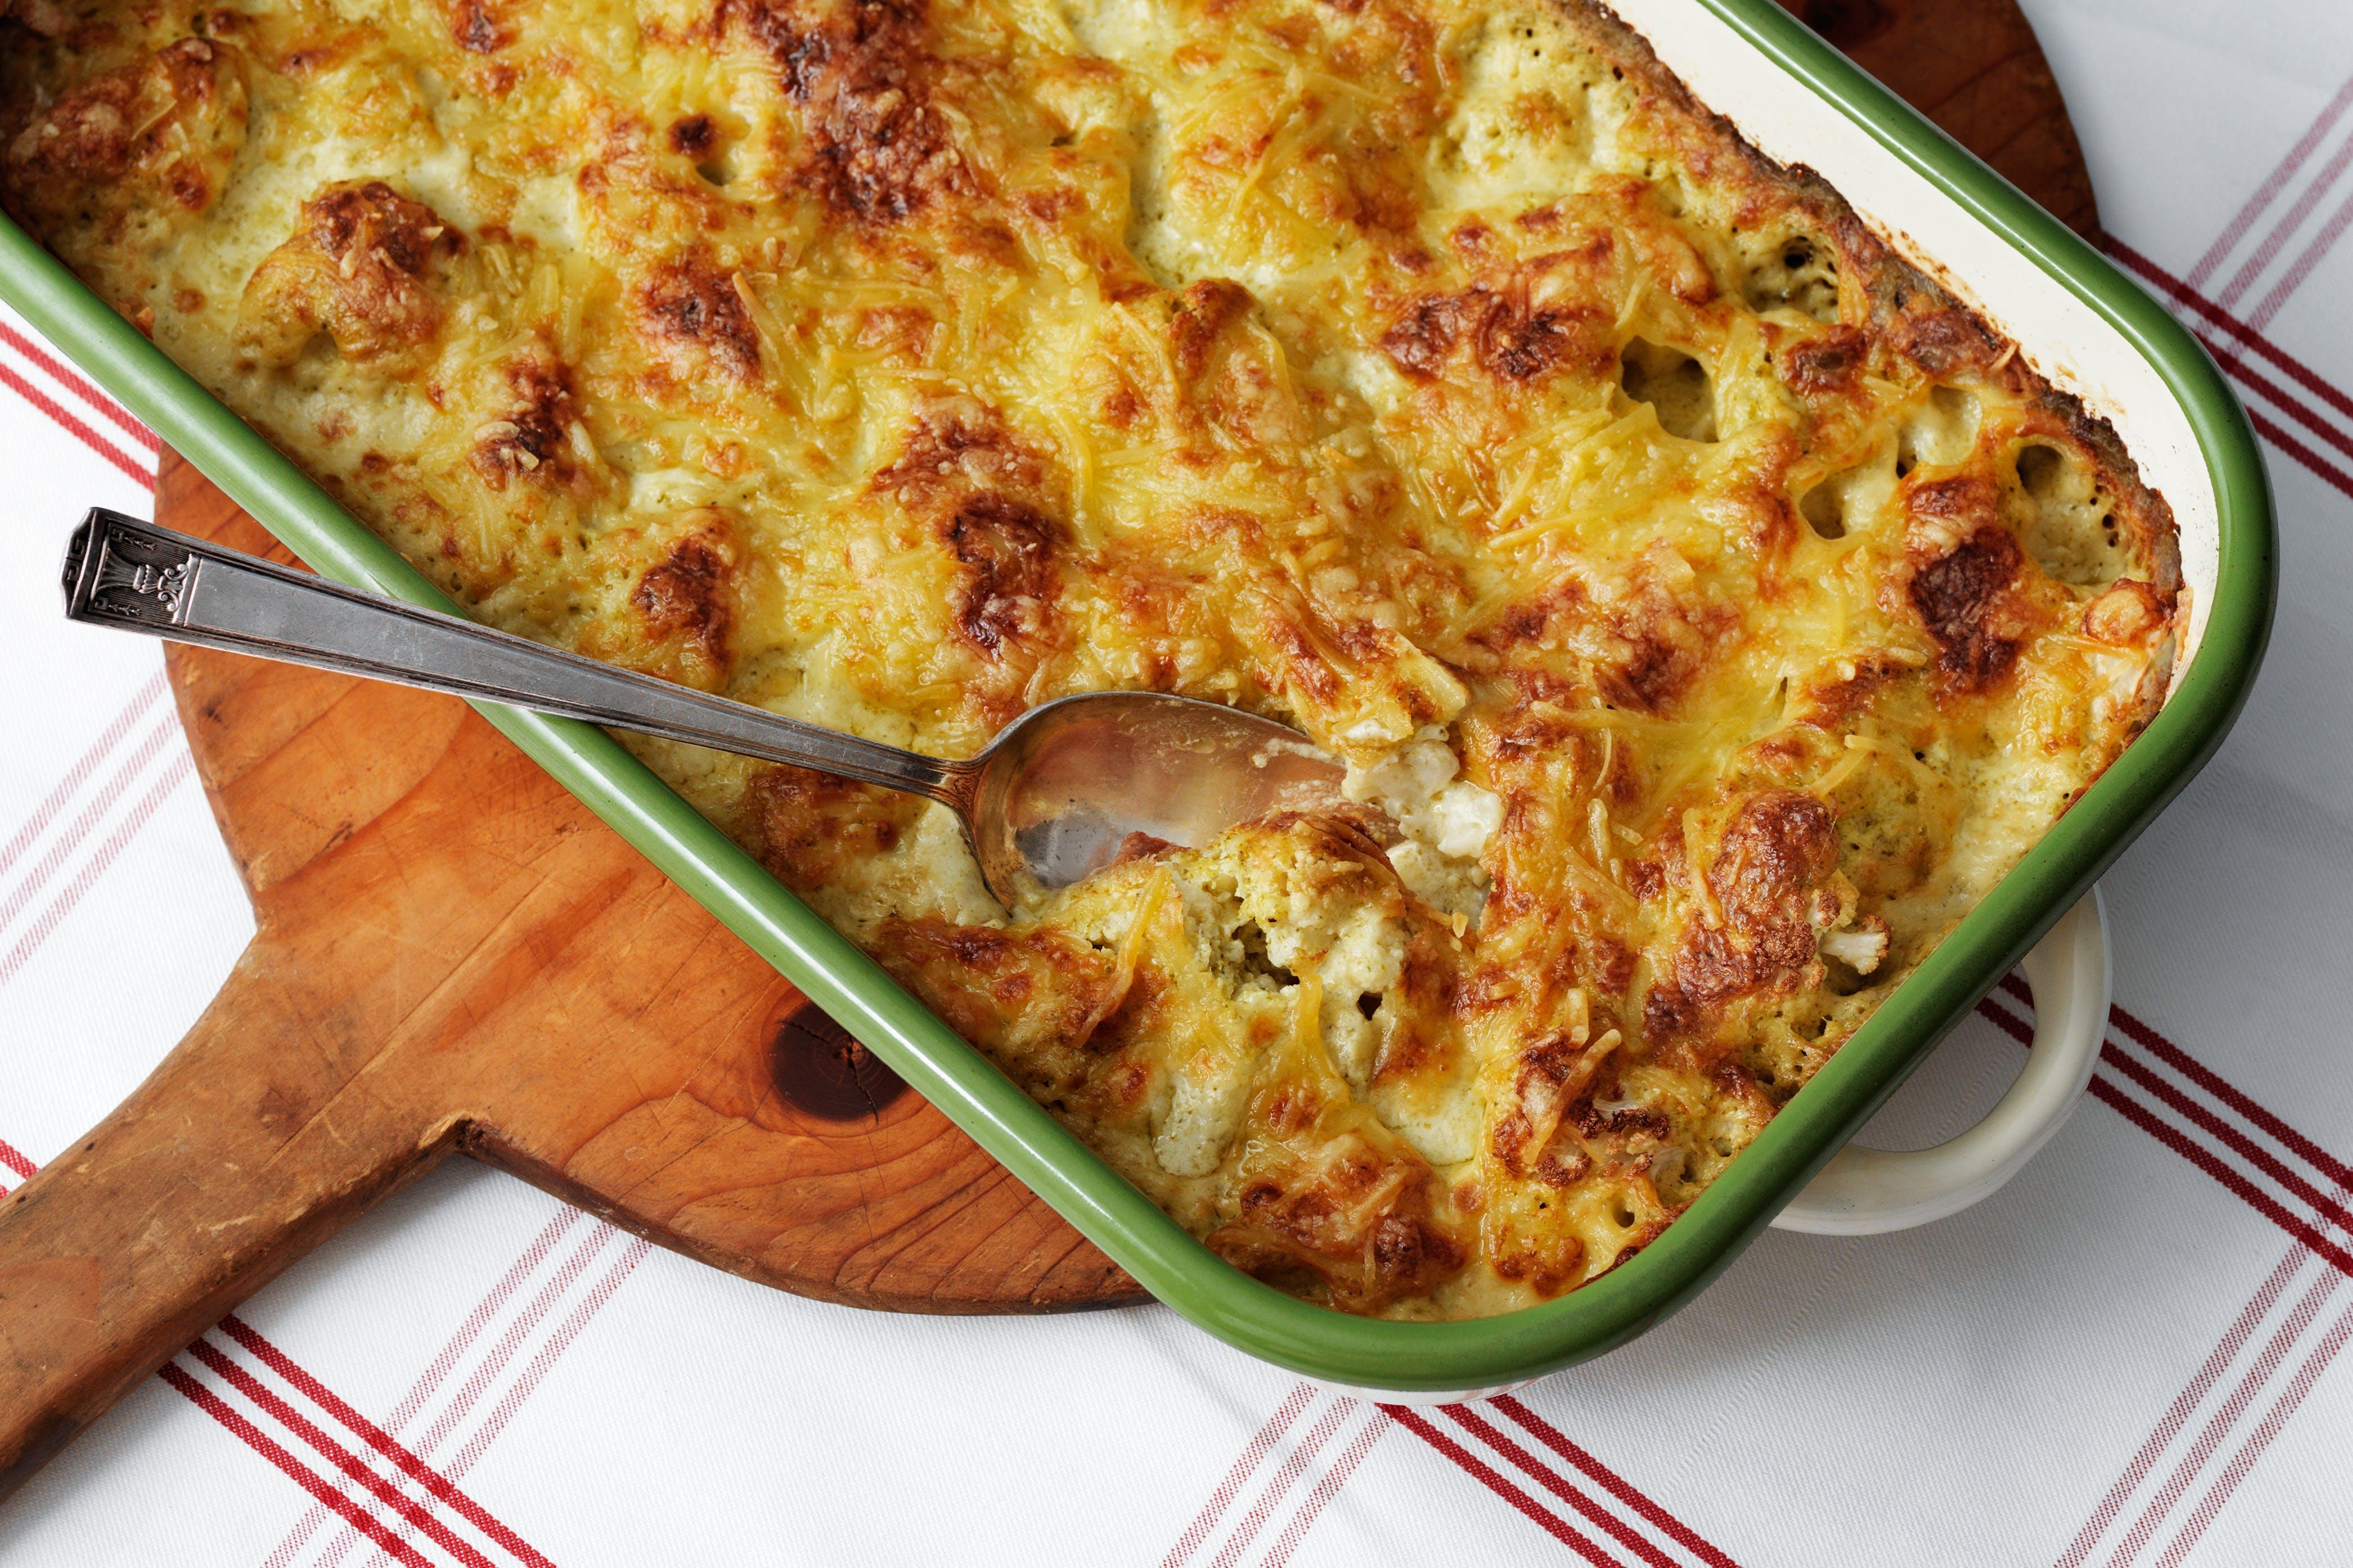 Coliflor con queso baja en carbohidratos